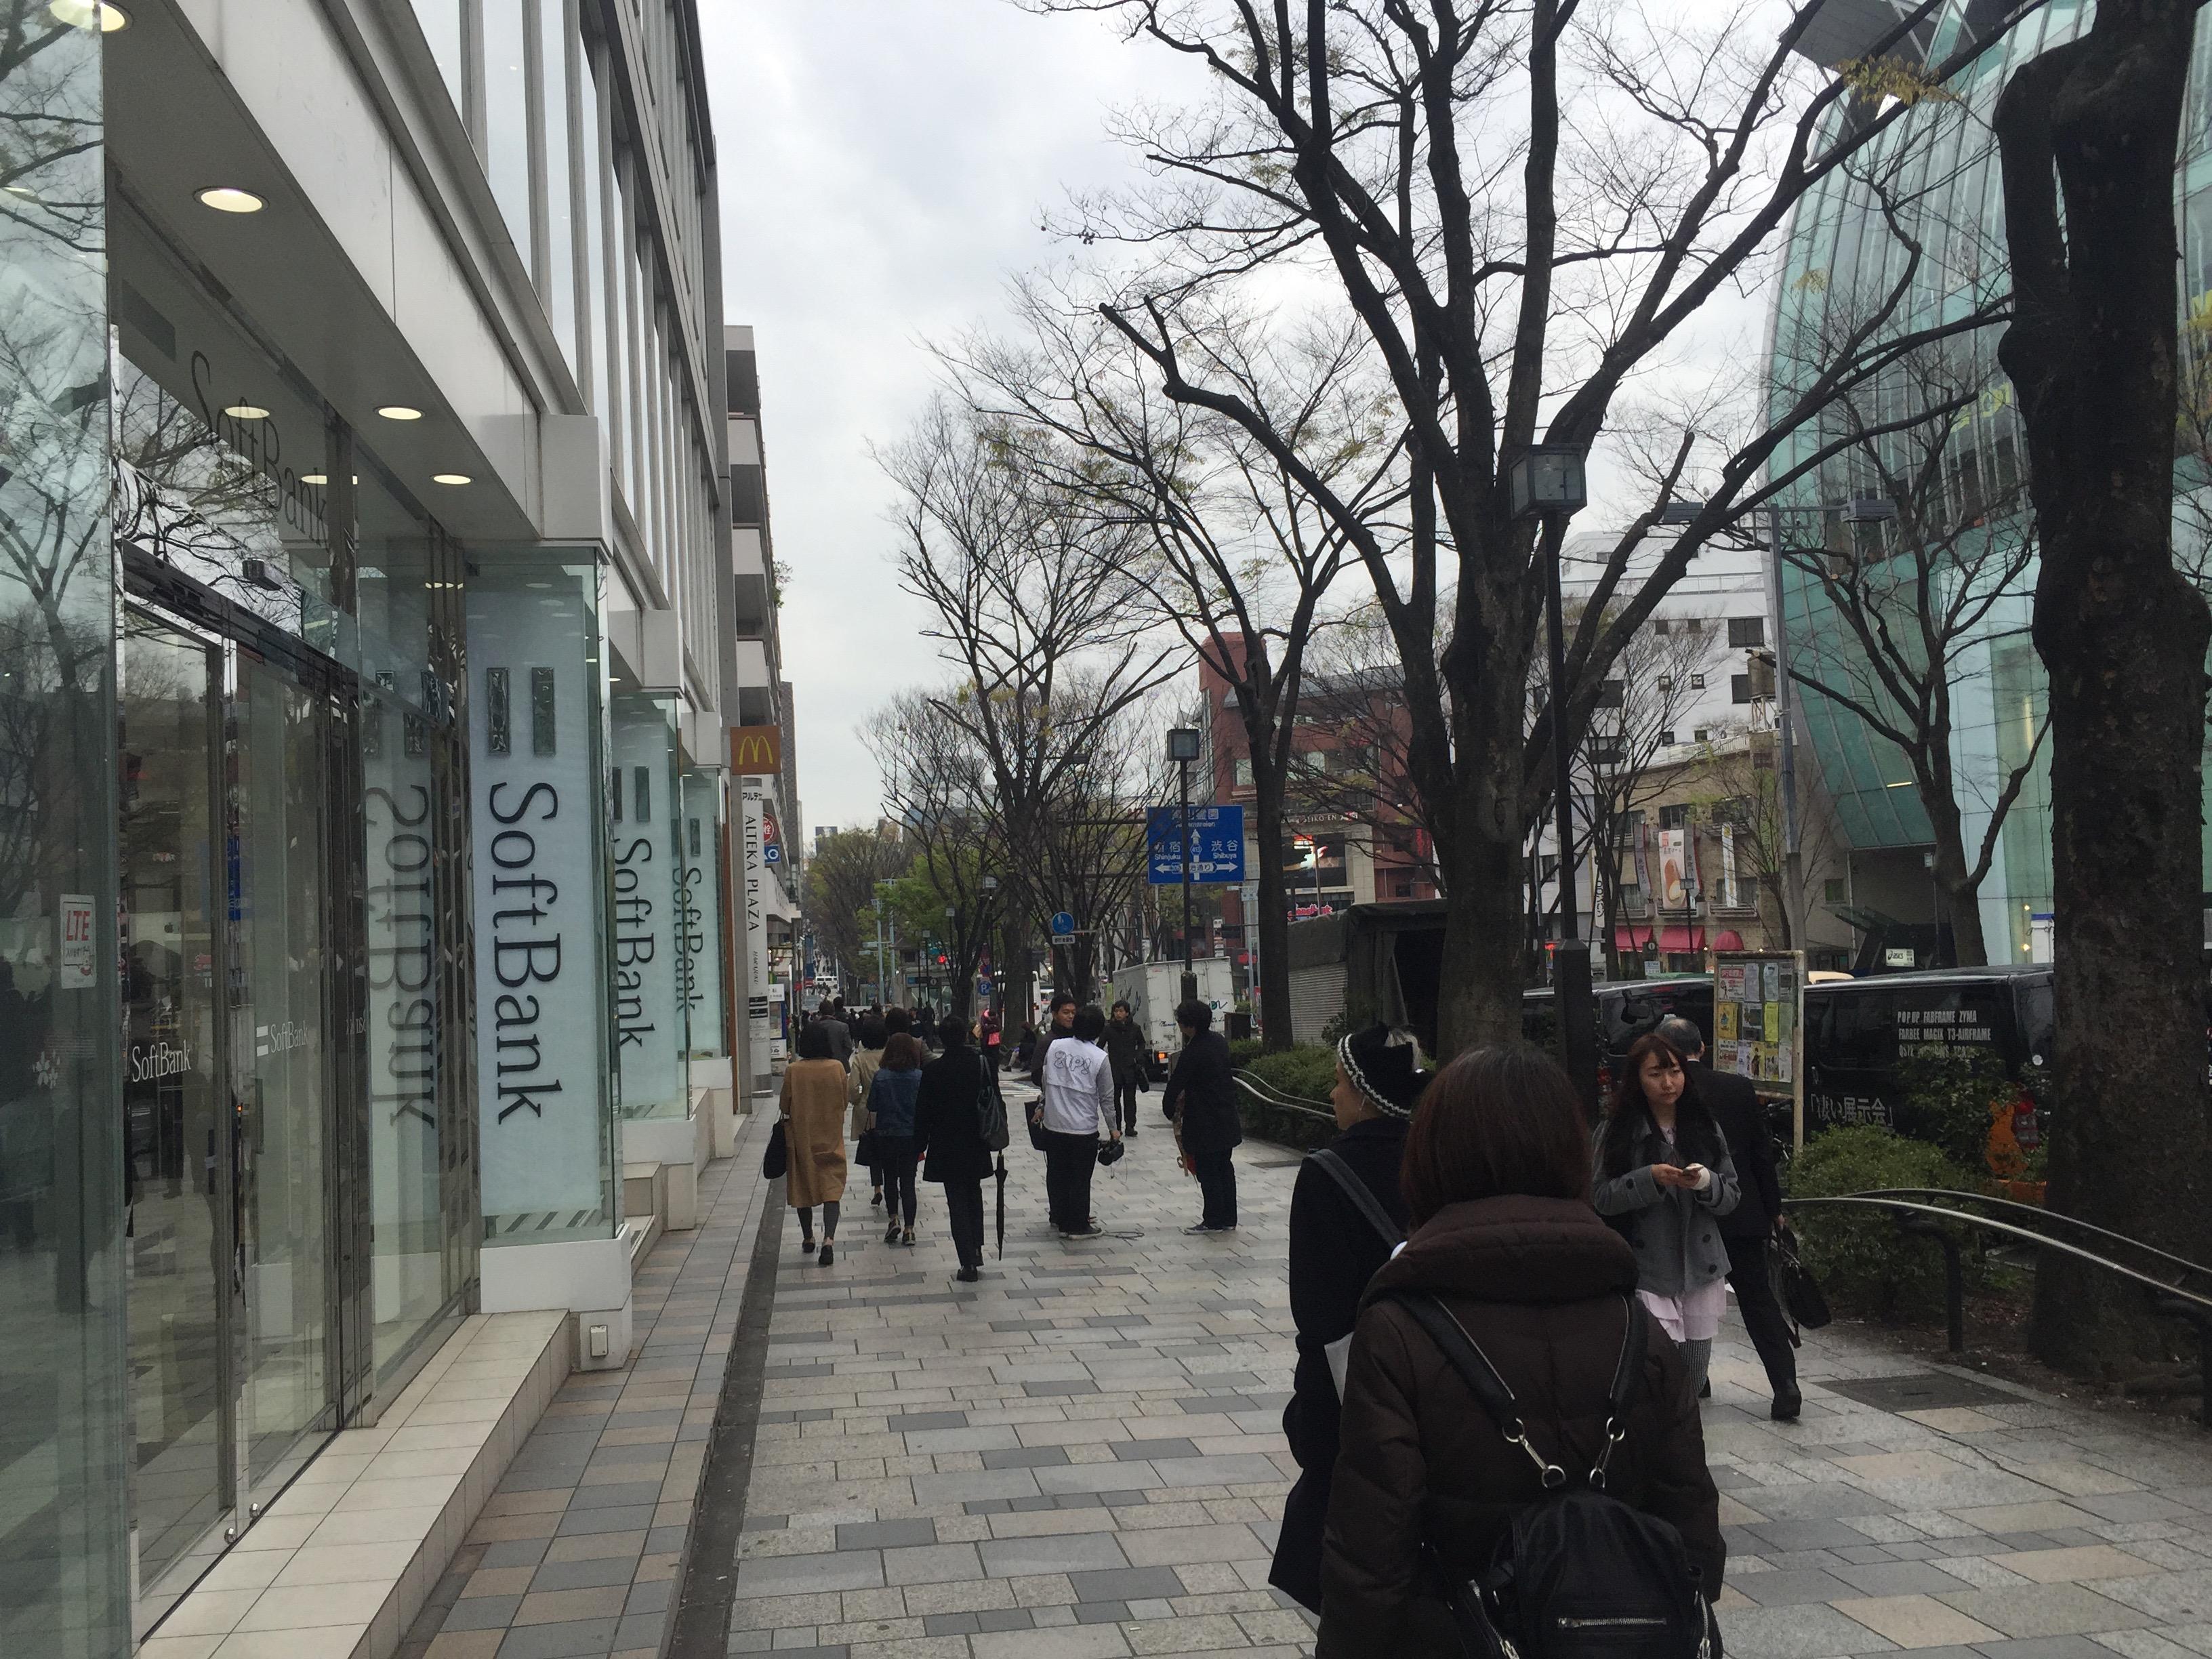 ソフトバンク表参道店